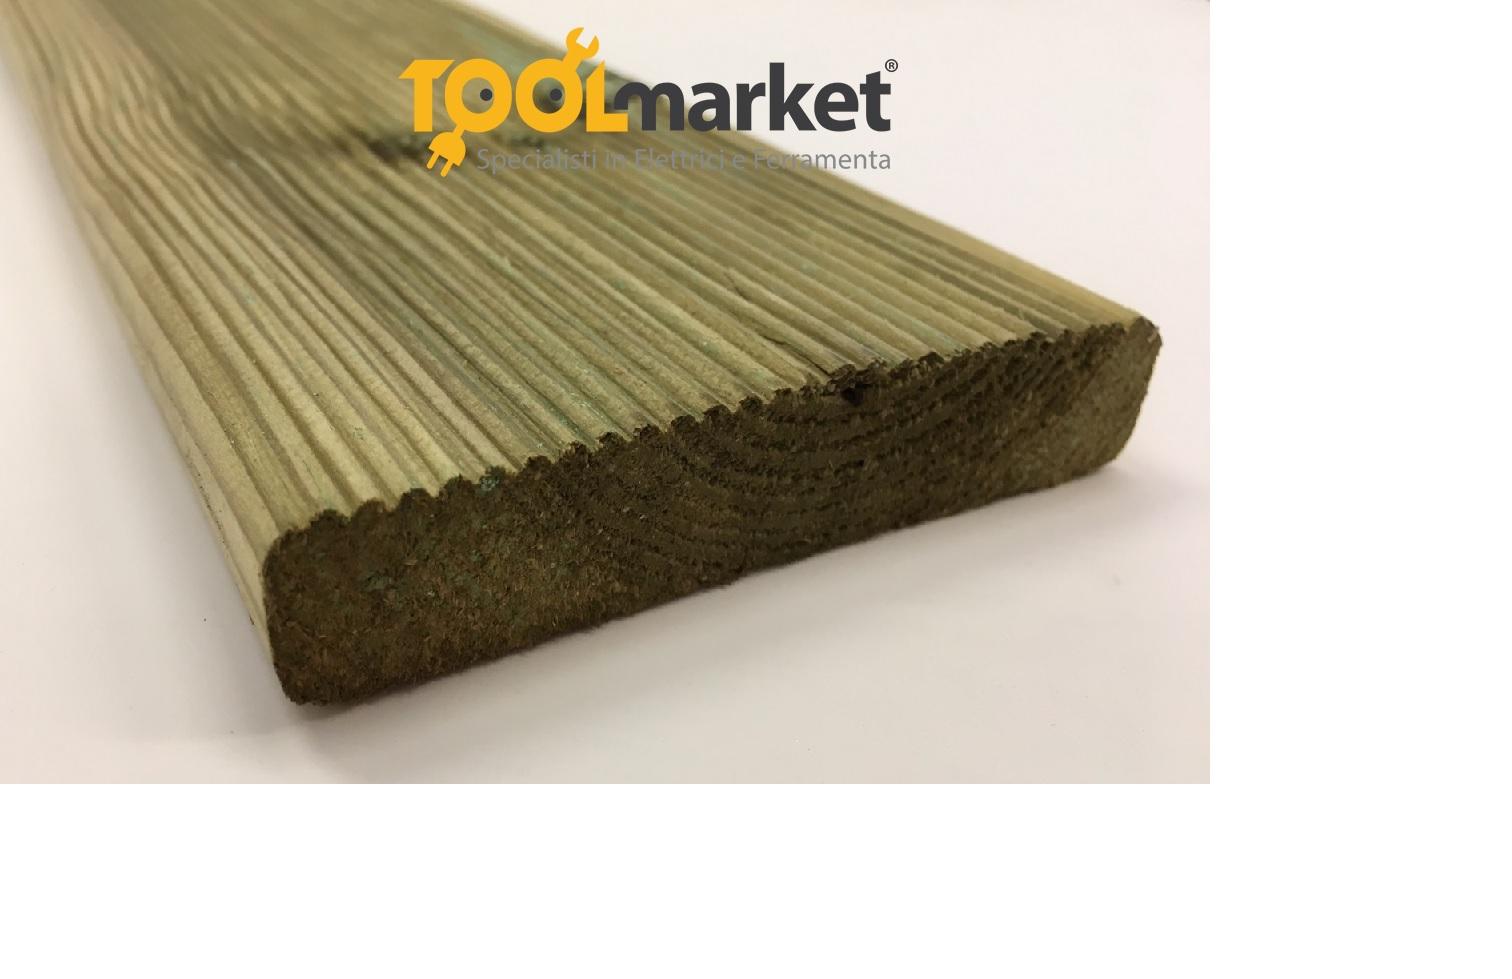 Decking pavimento per esterno in Pino impregnato da 20 mm x 90 mm x 2400 mm